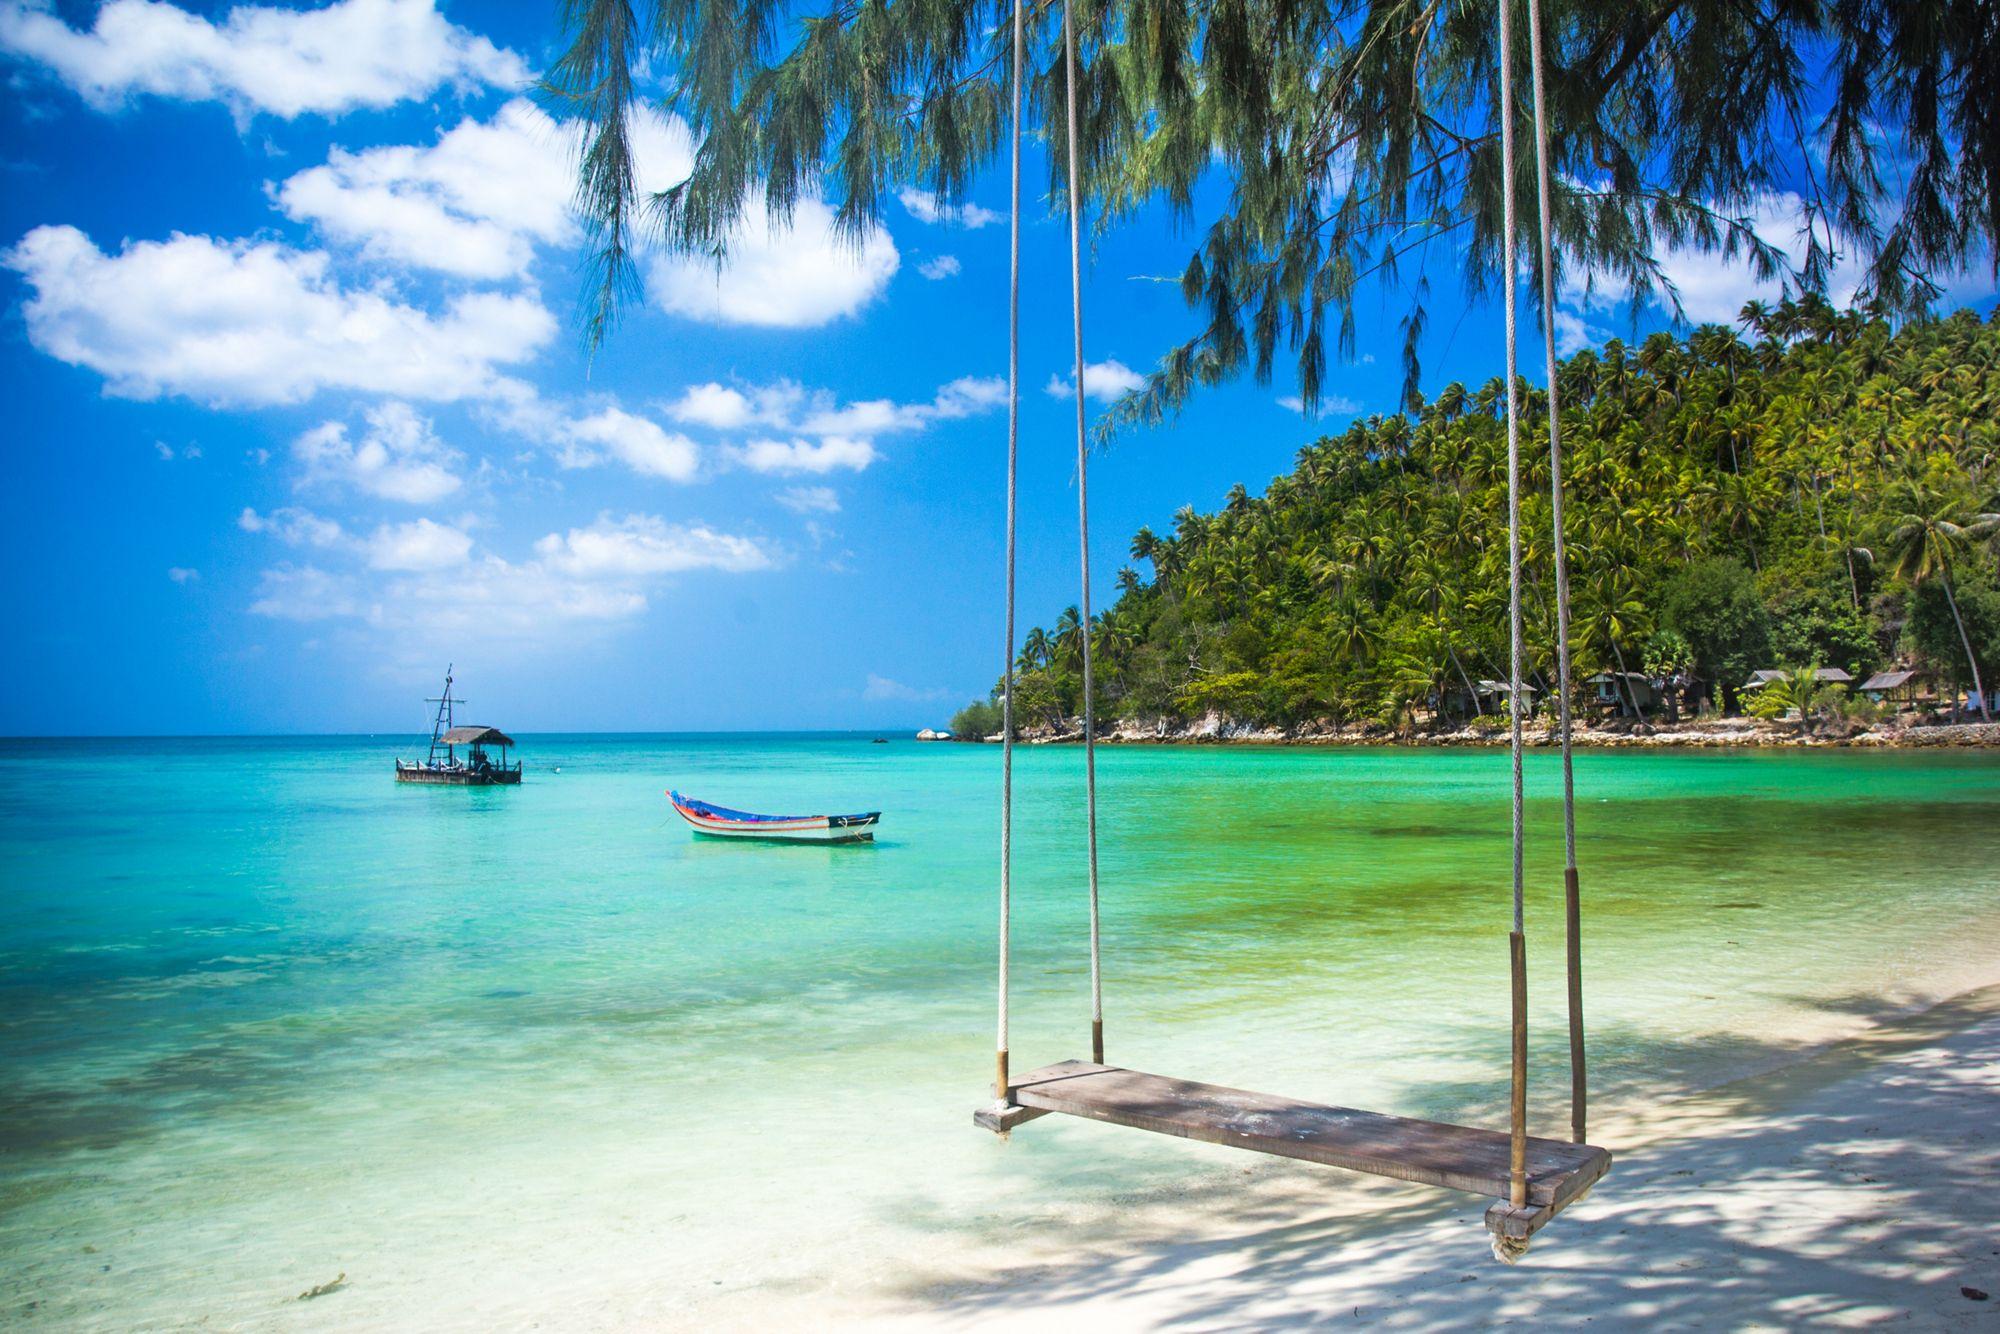 KohSamui Romantic1 - جاذبه های دیدنی و گردشگری تایلند (قسمت ۲)   Thailand